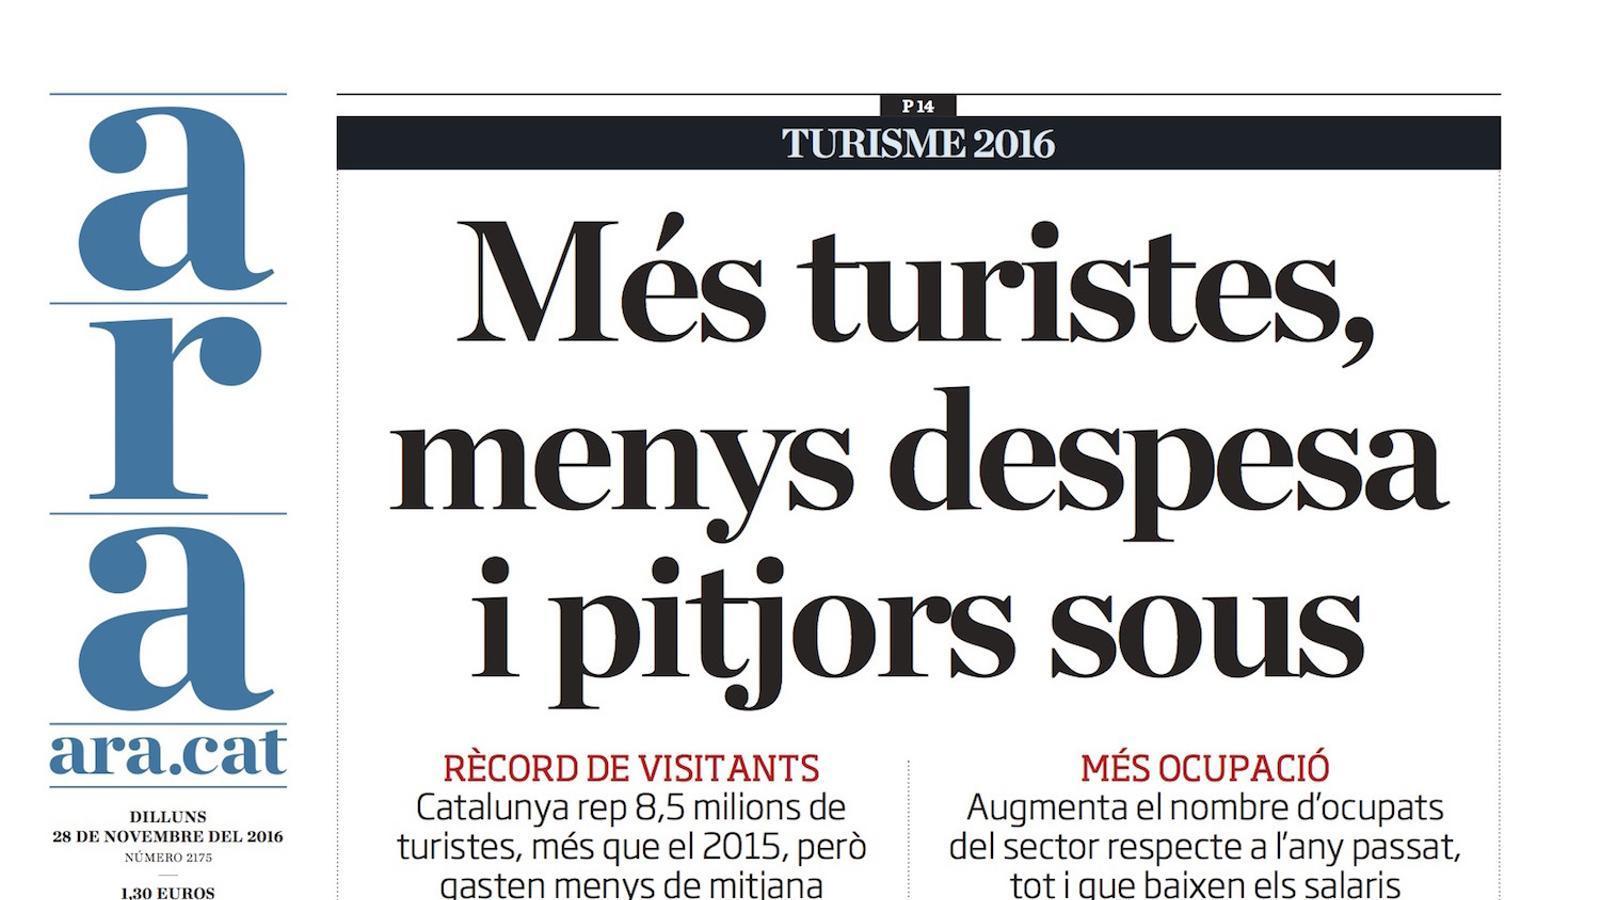 """""""Més turistes, menys despesa i pitjors sous"""", portada de l'ARA"""